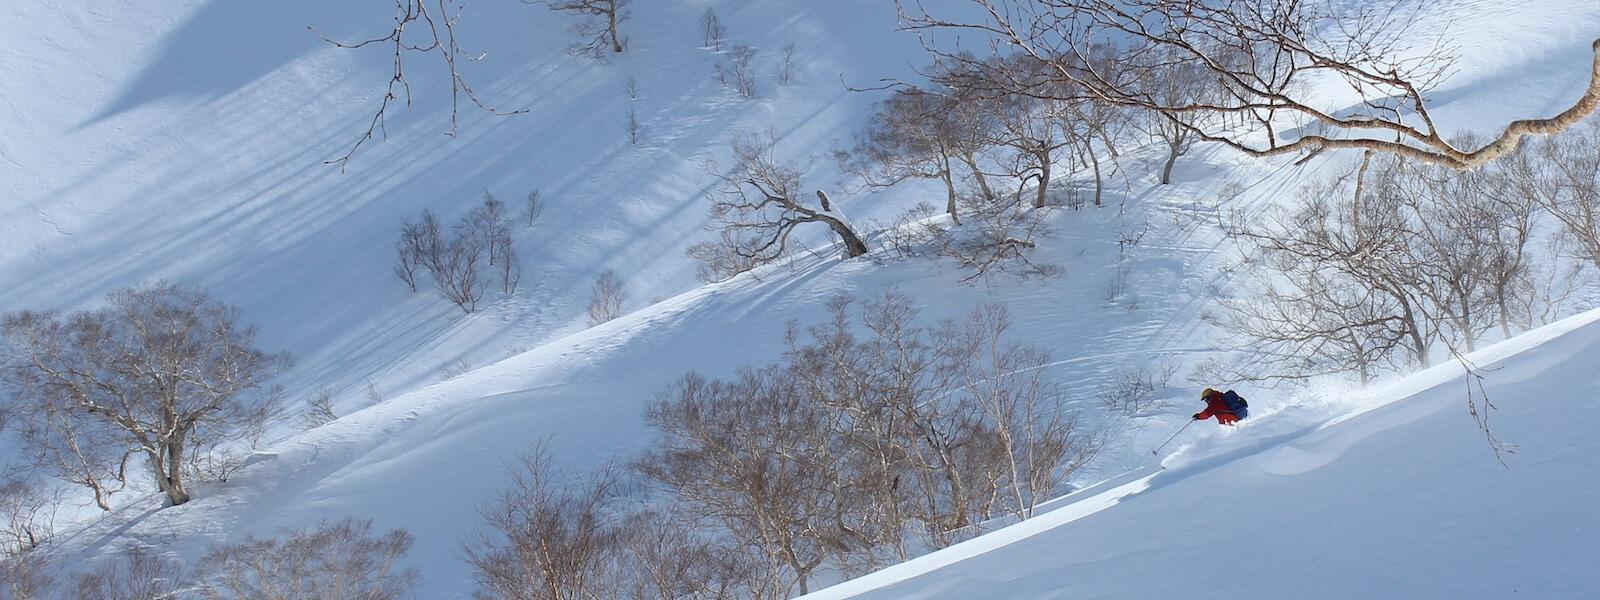 hakuba myoko backcountry skiing tour